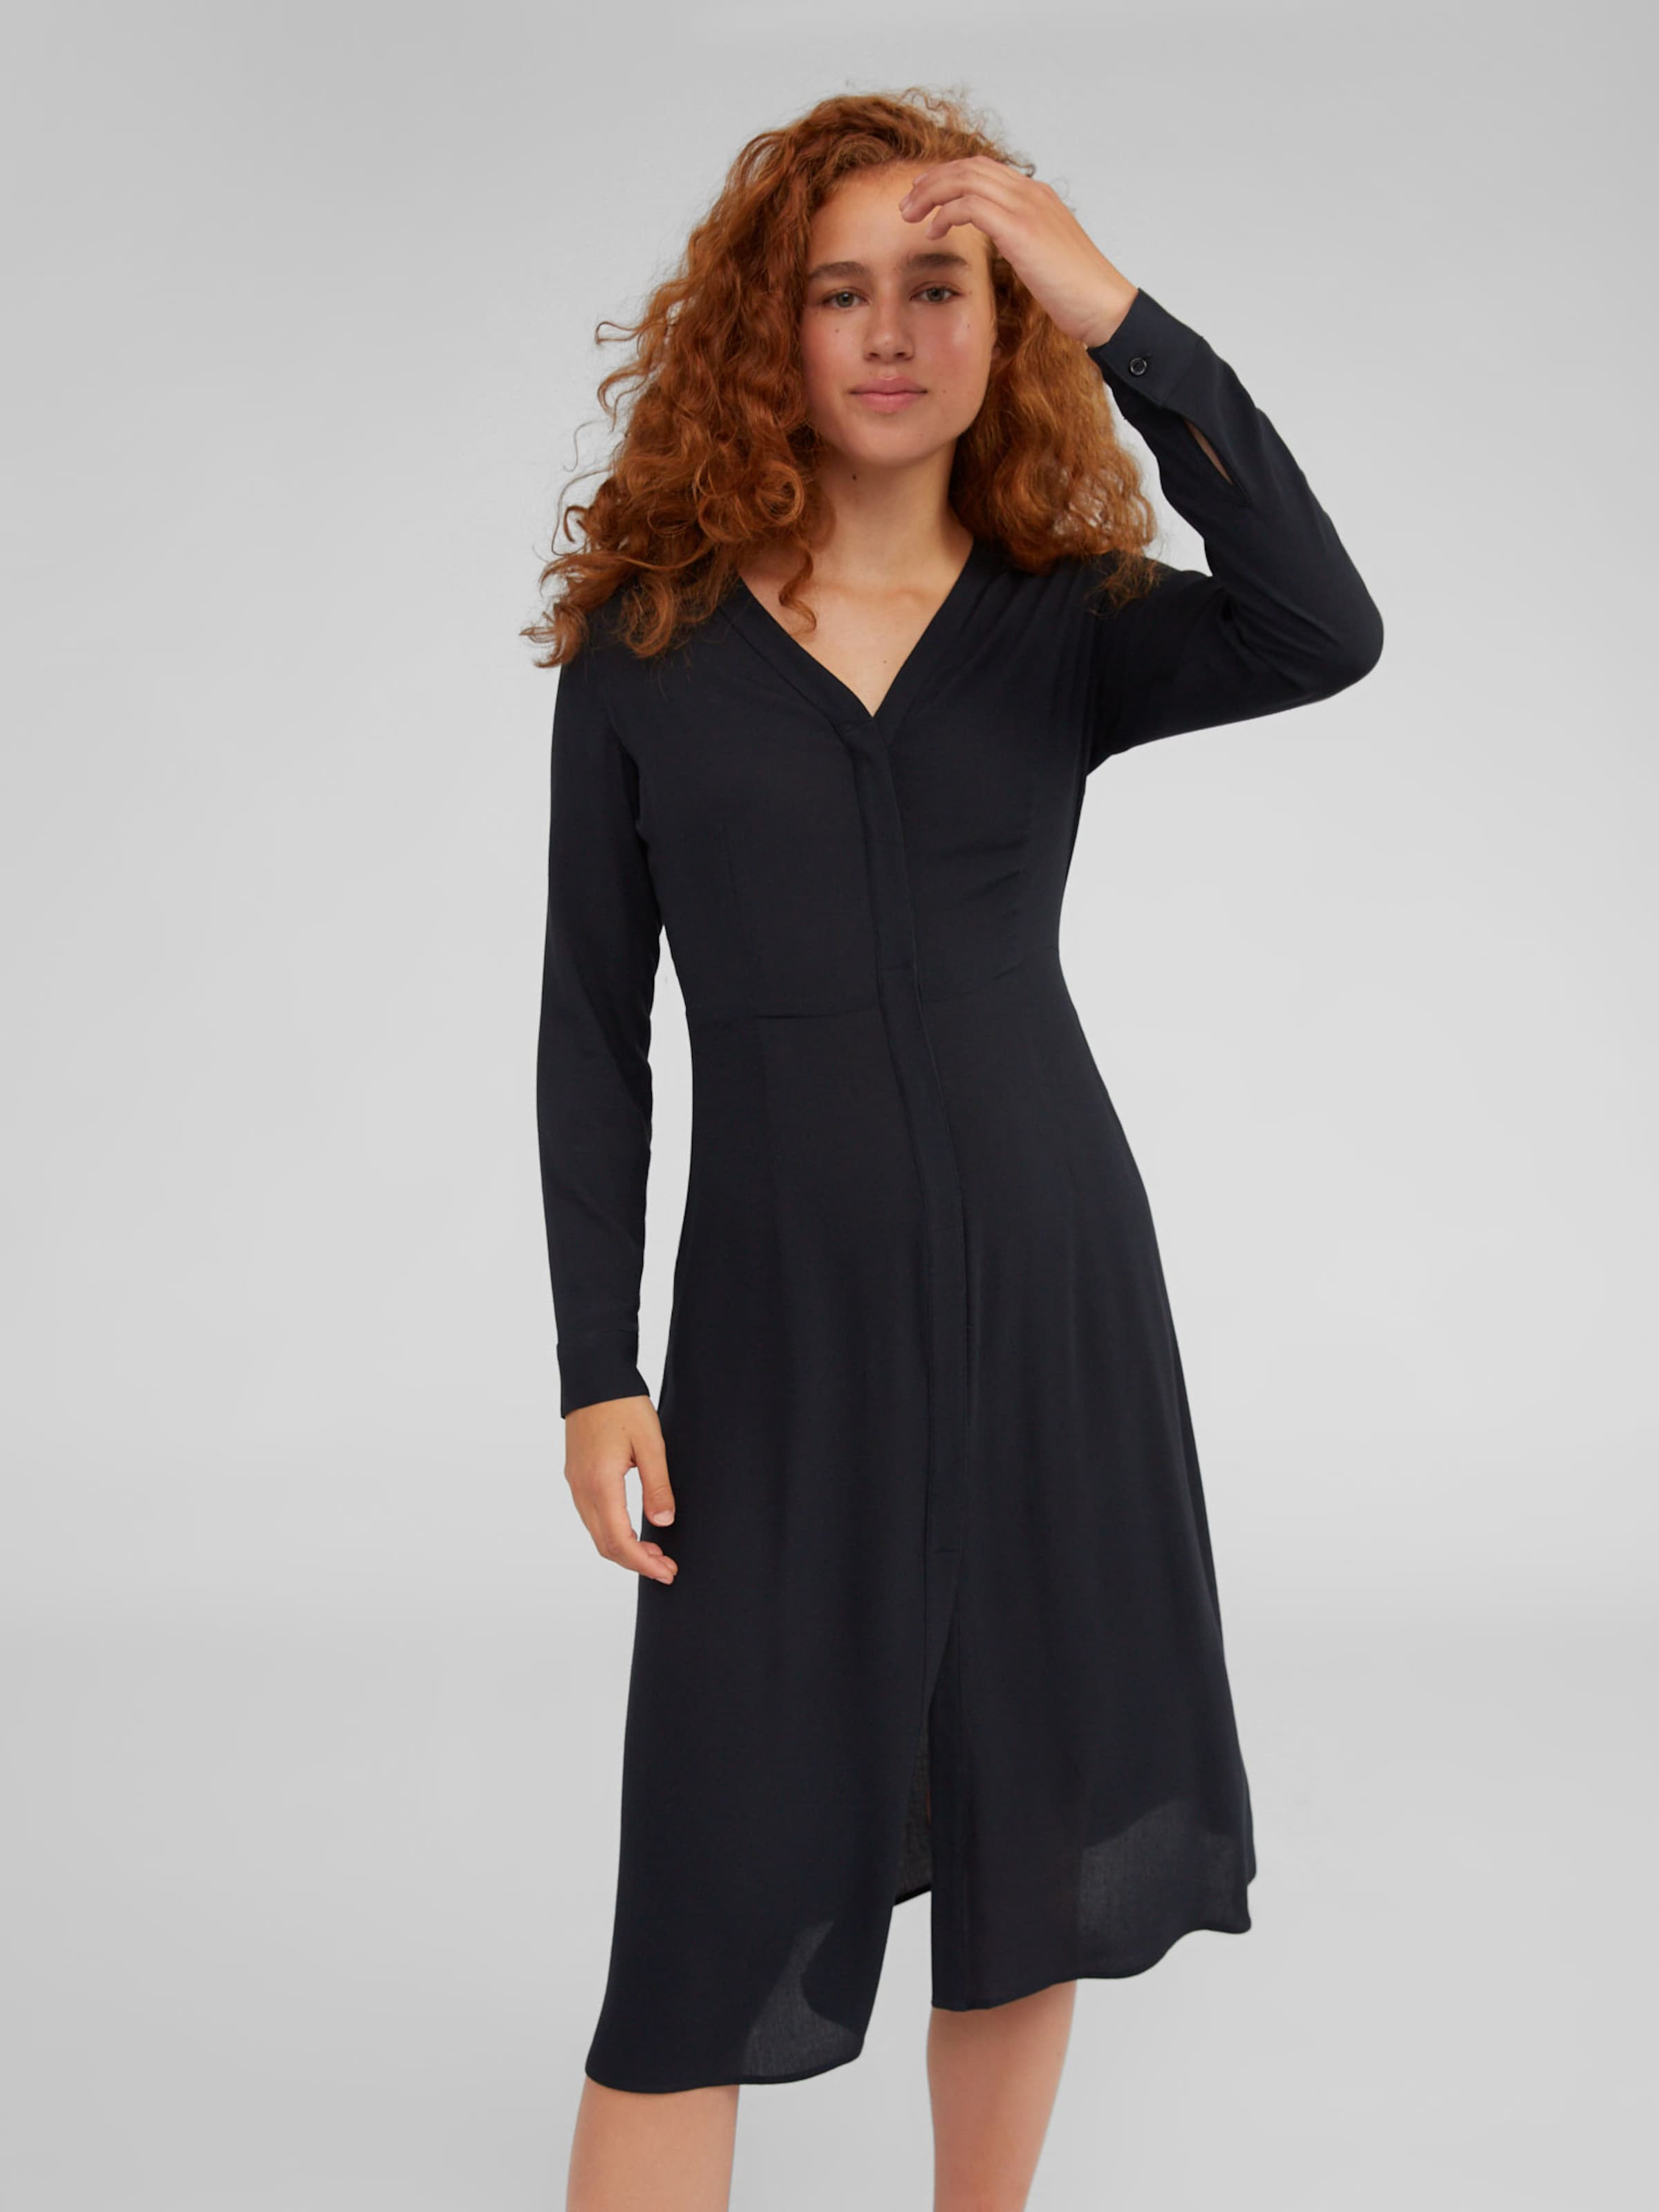 Kleid Edited In In Schwarz Schwarz 'sallie' Edited Kleid 'sallie' k08nPwOX